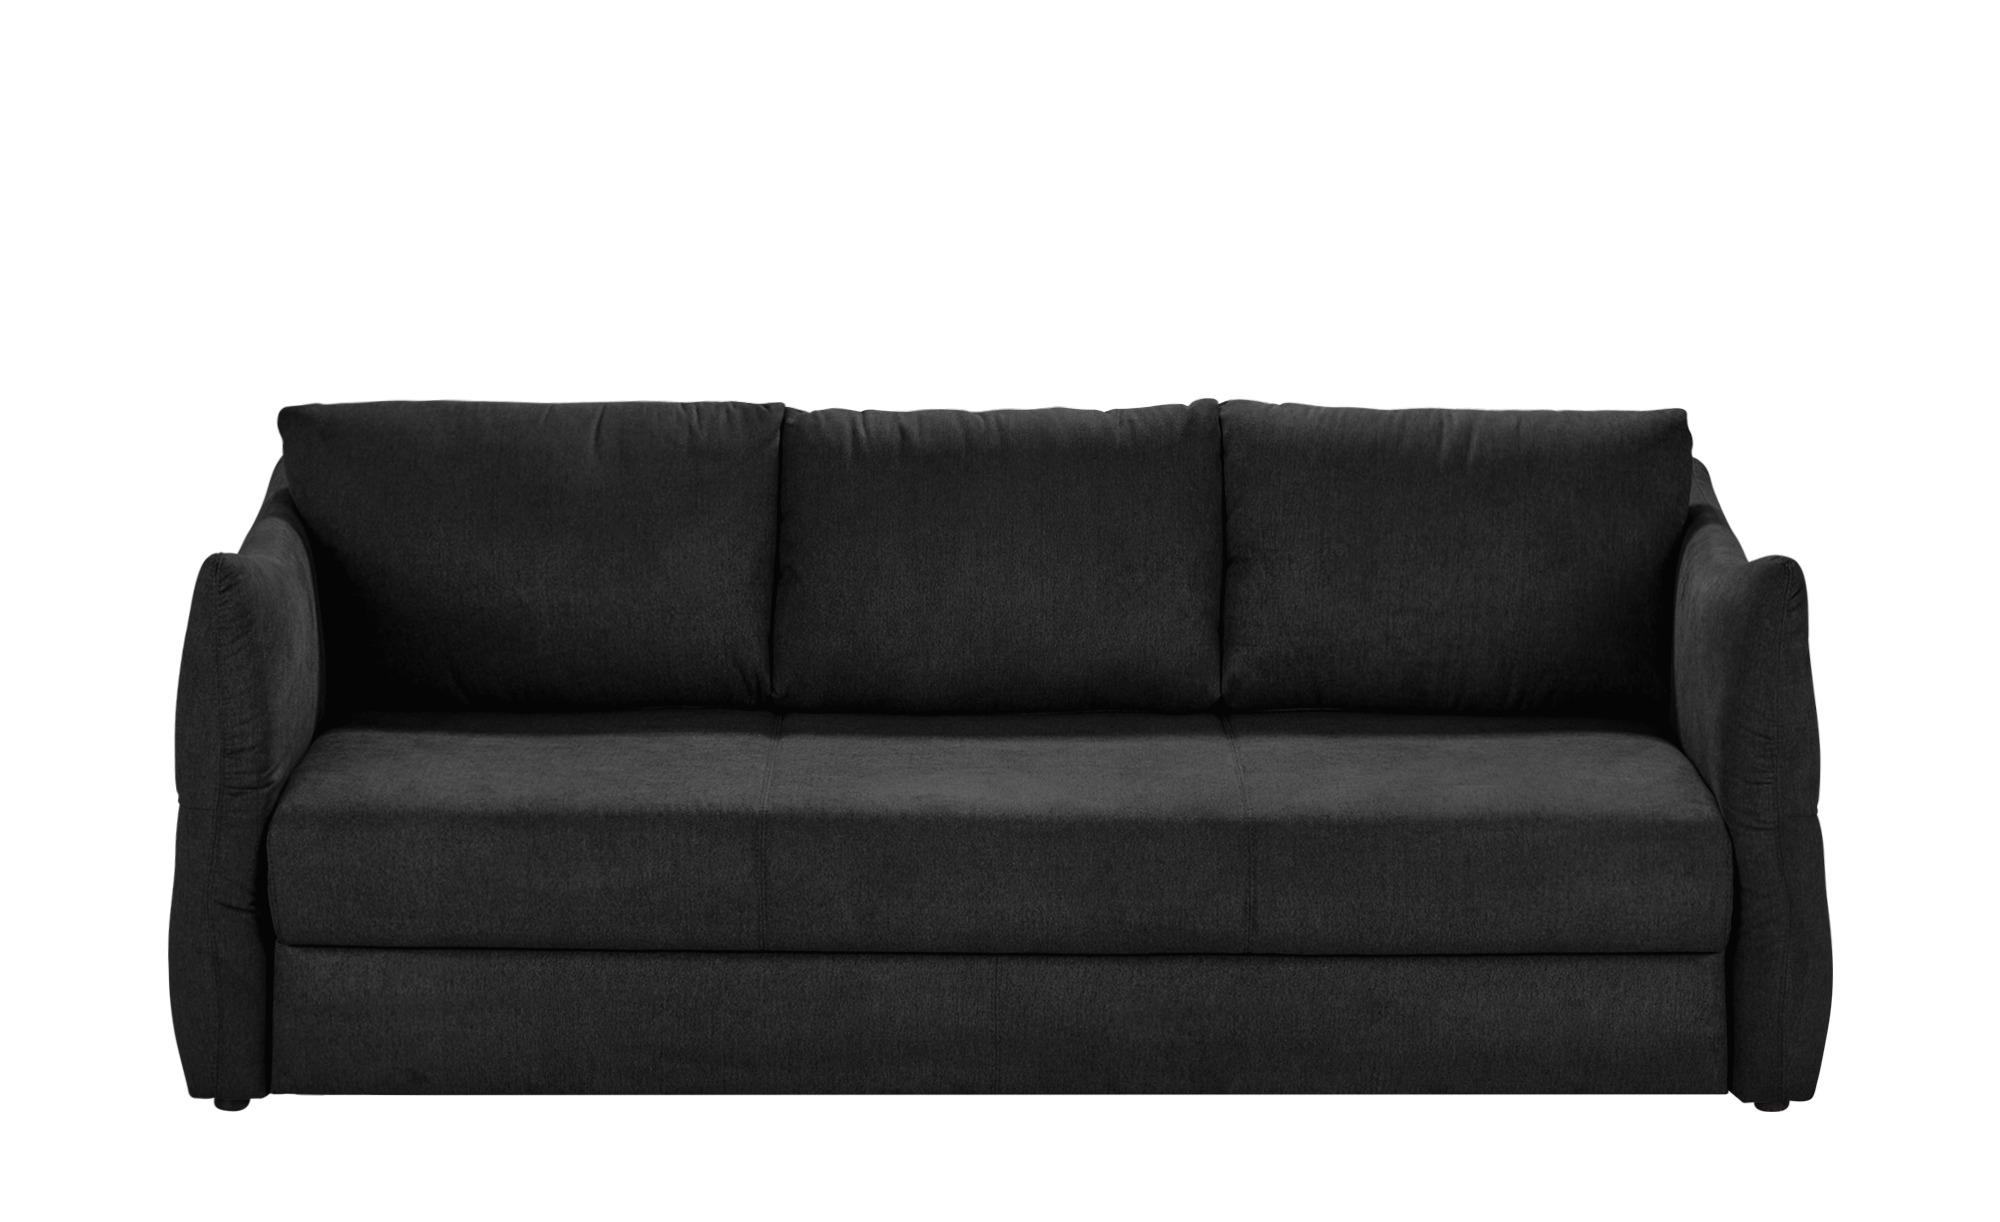 smart Sofa 3-sitzig schwarz - Webstoff Franziska ¦ schwarz ¦ Maße (cm): B: 226 H: 100 T: 87 Polstermöbel > Sofas > 3-Sitzer - Höffner